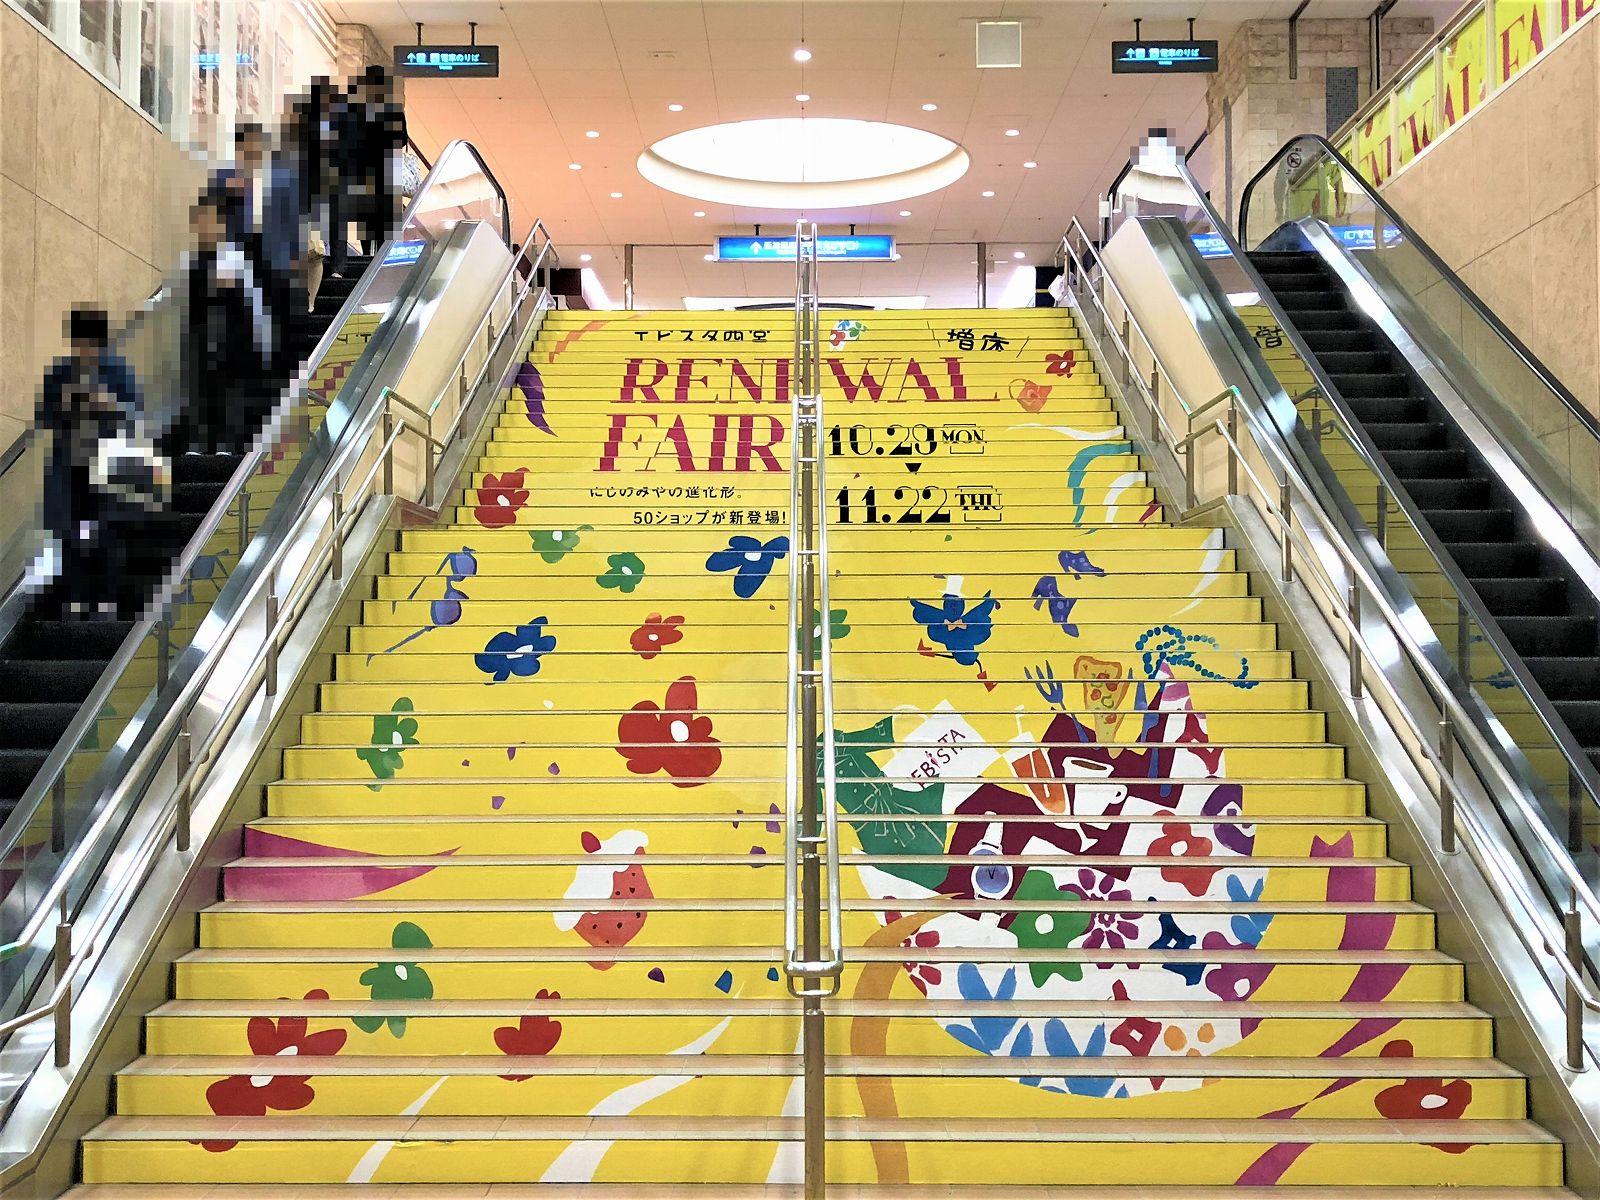 増床リニューアルオープン!阪神西宮駅直結「エビスタ西宮」の進化形を見てきた! #エビスタ西宮 #阪神西宮 #新規オープン #阪神電車 #商業施設 #西宮